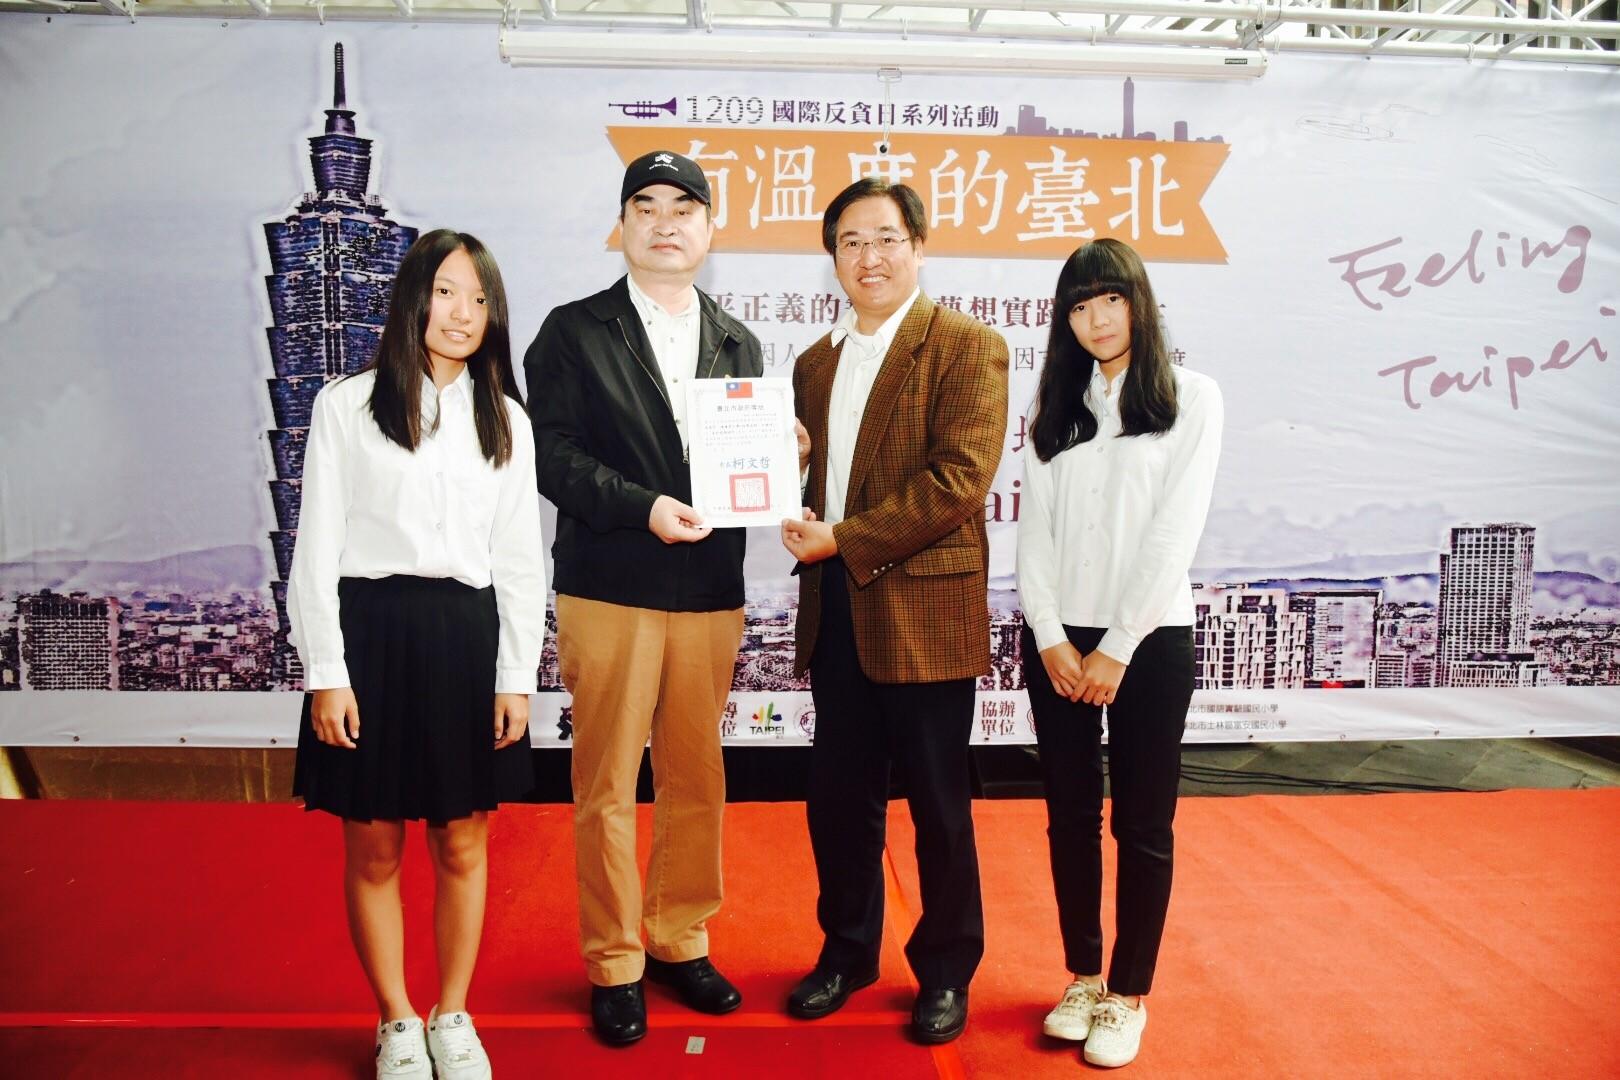 鄧副市長致贈感謝狀予北士商曾騰瀧校長及學生